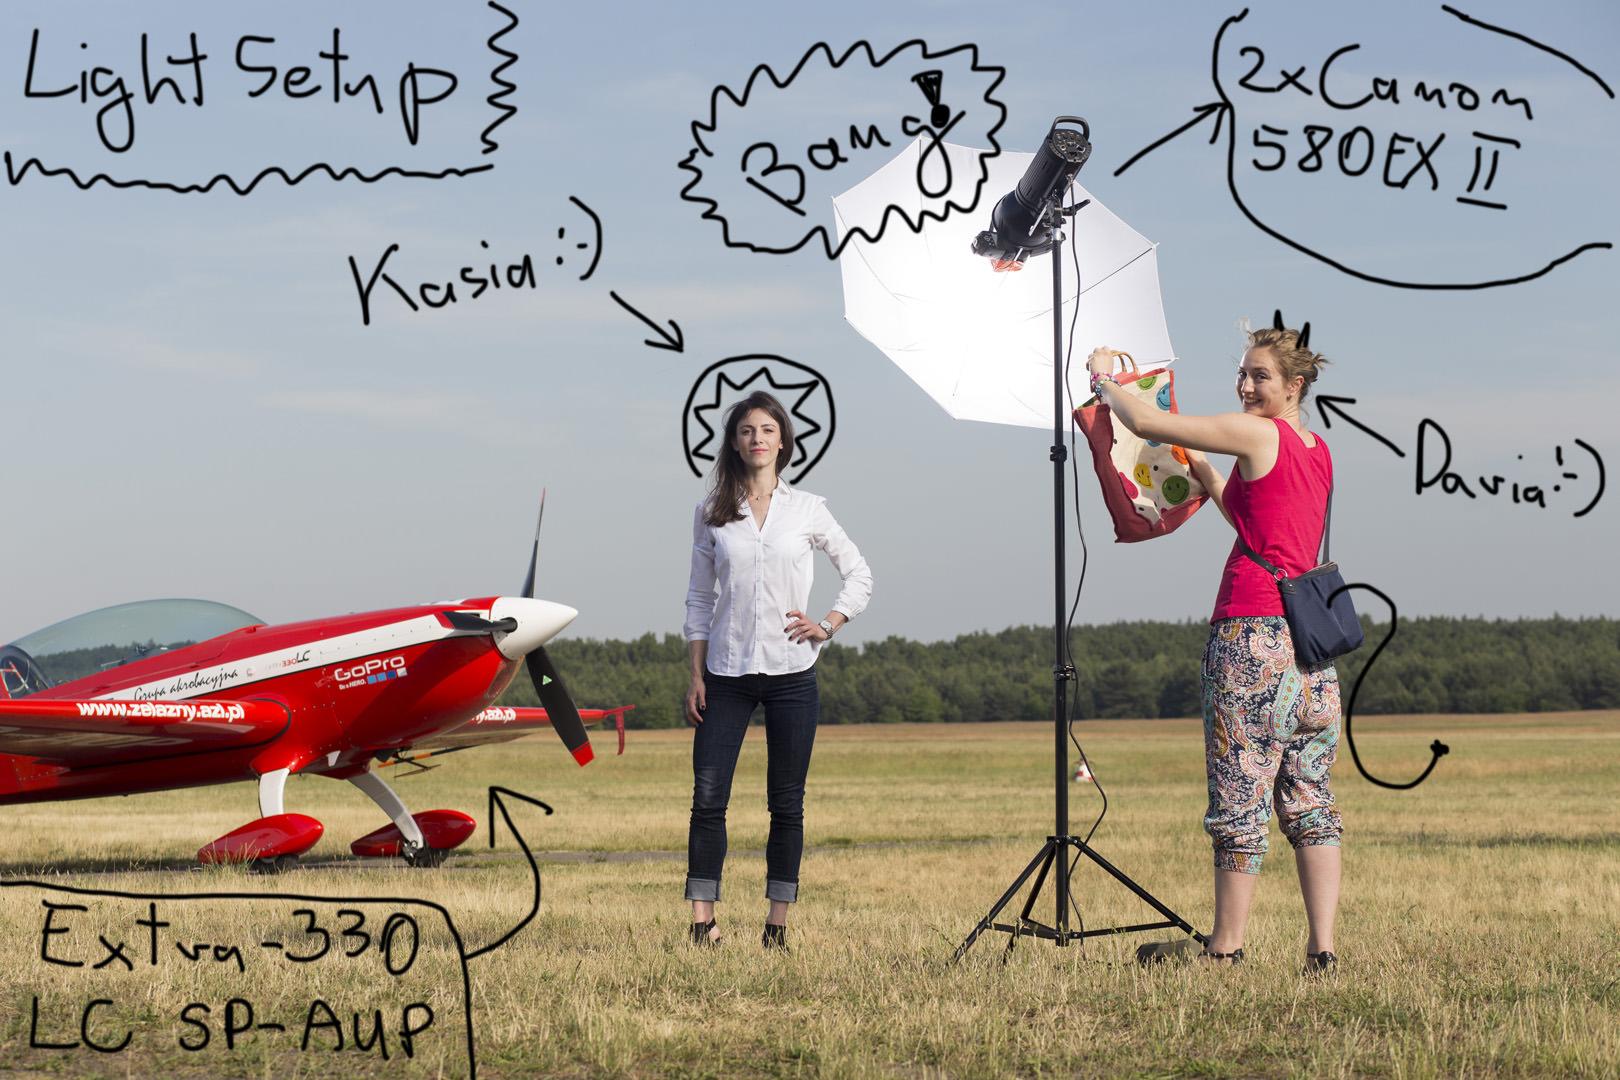 Aero_Kasia_2